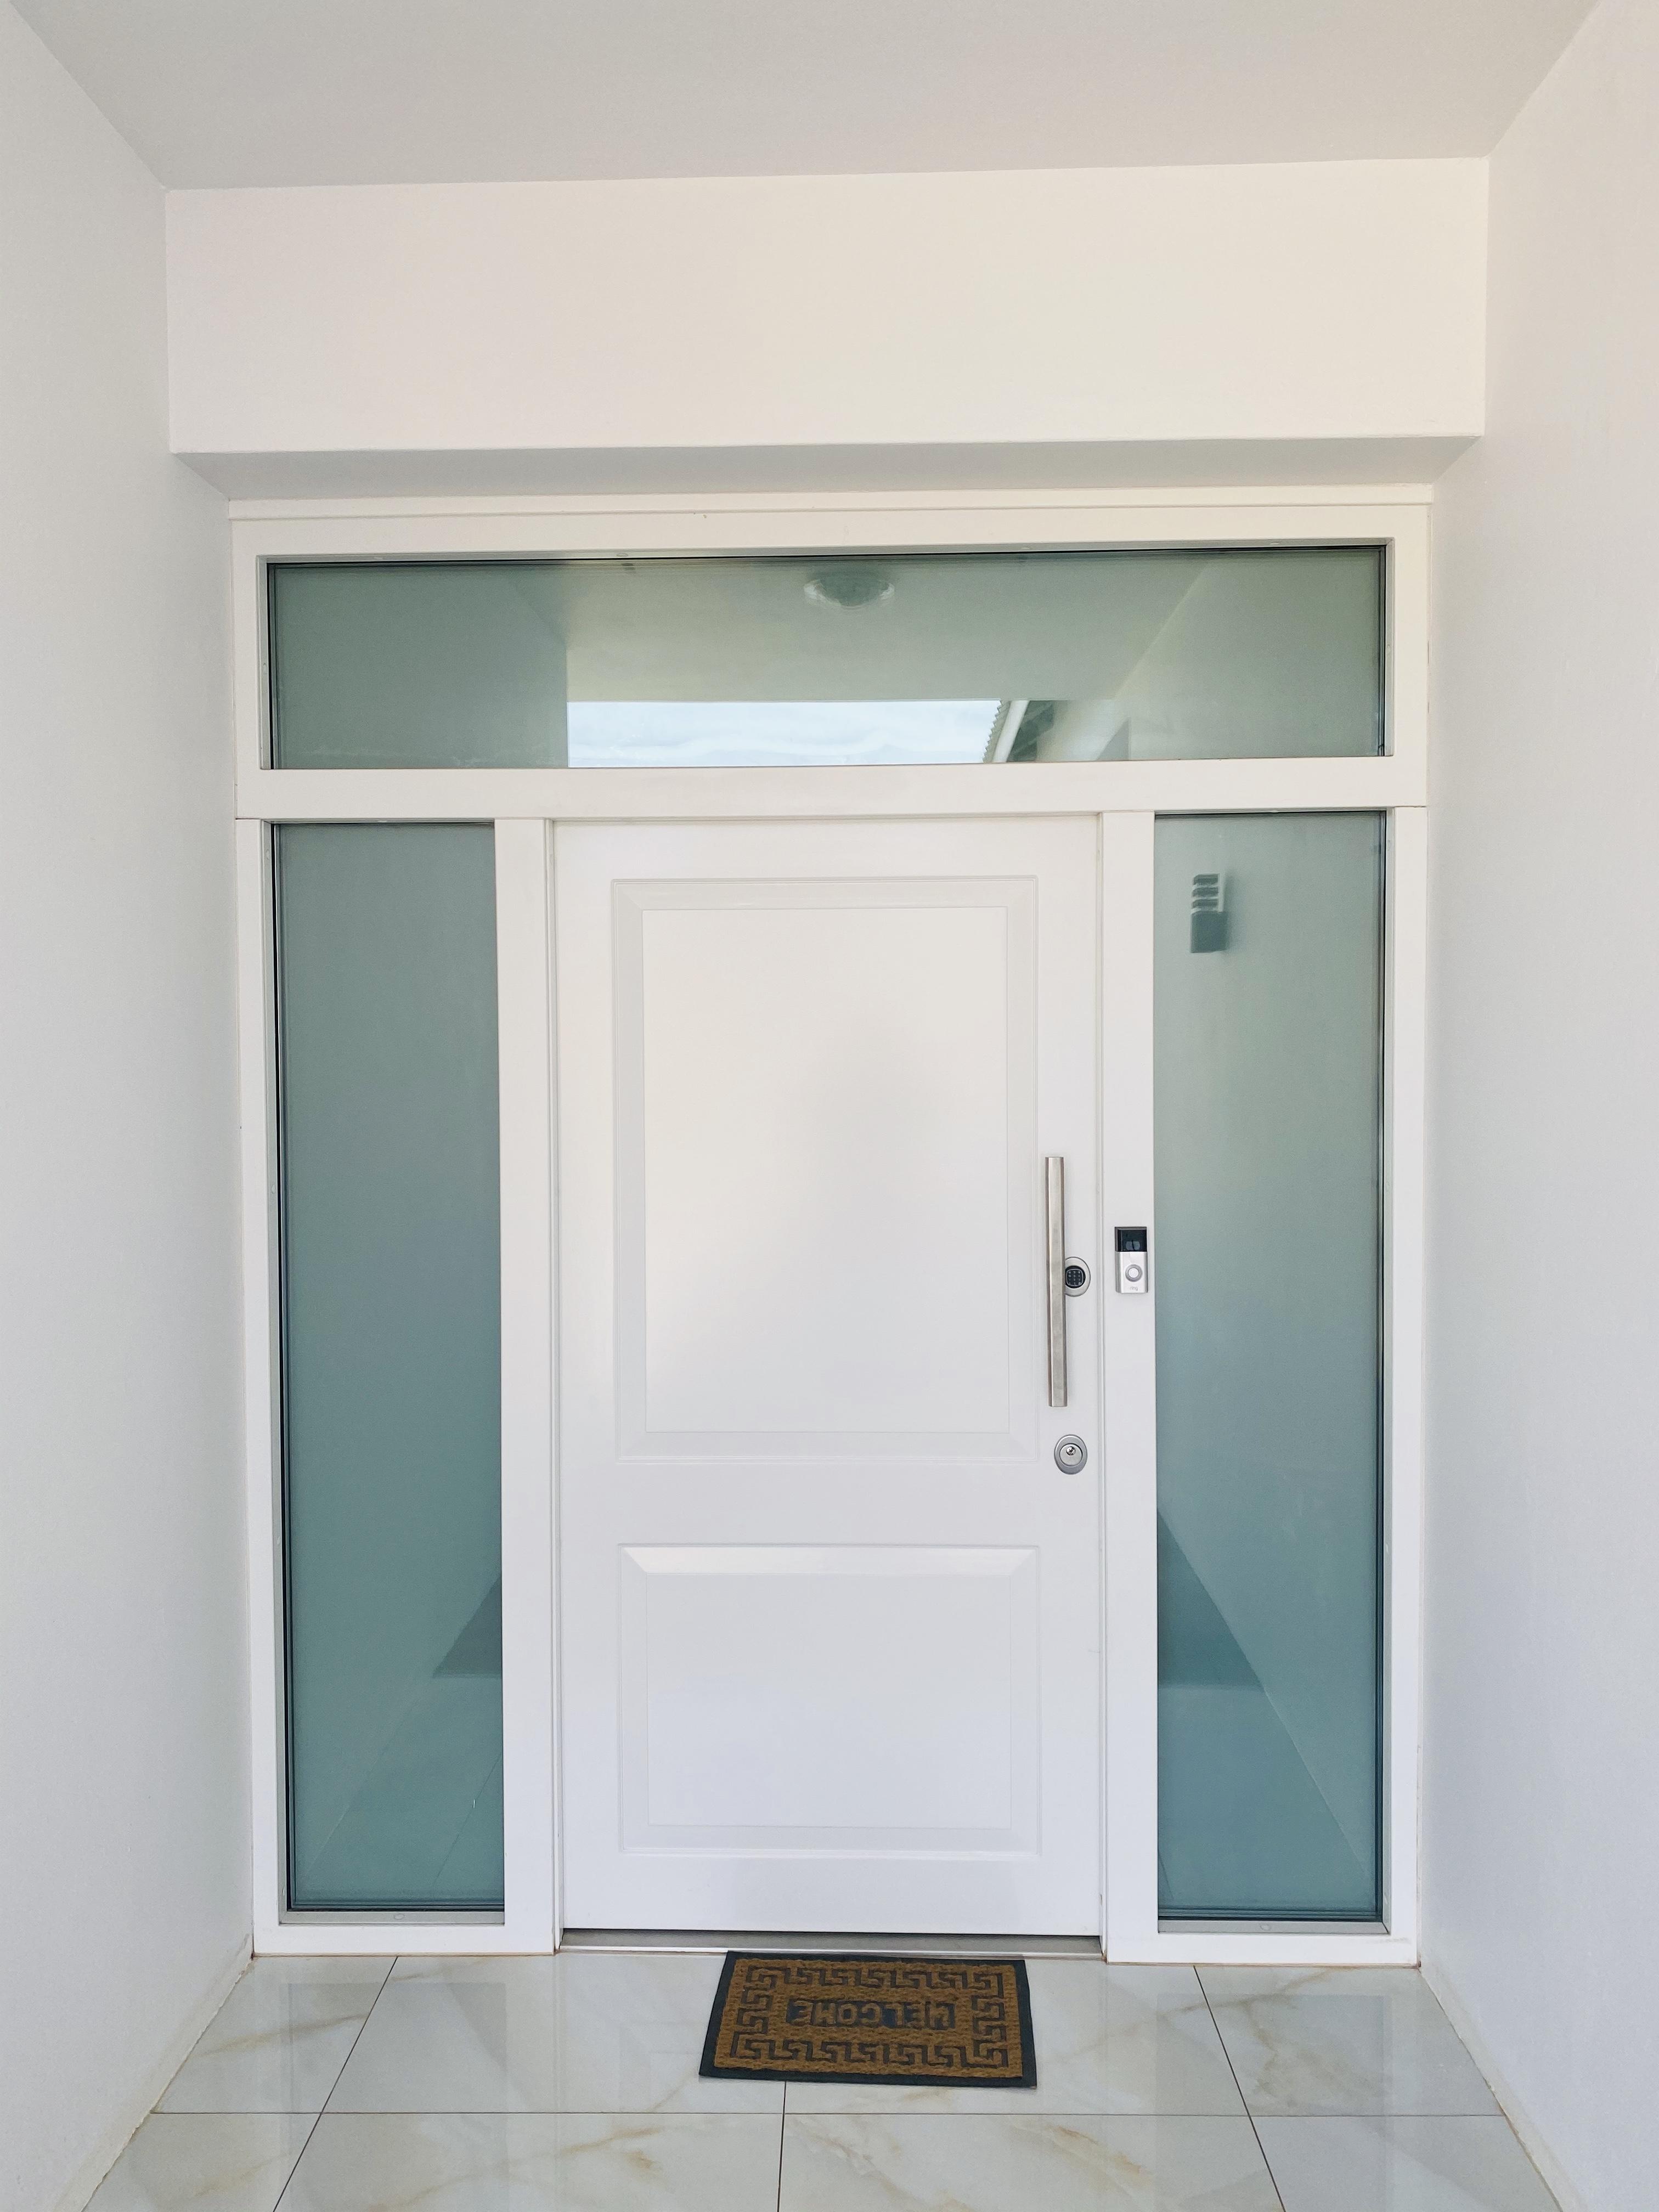 Front entrance security door